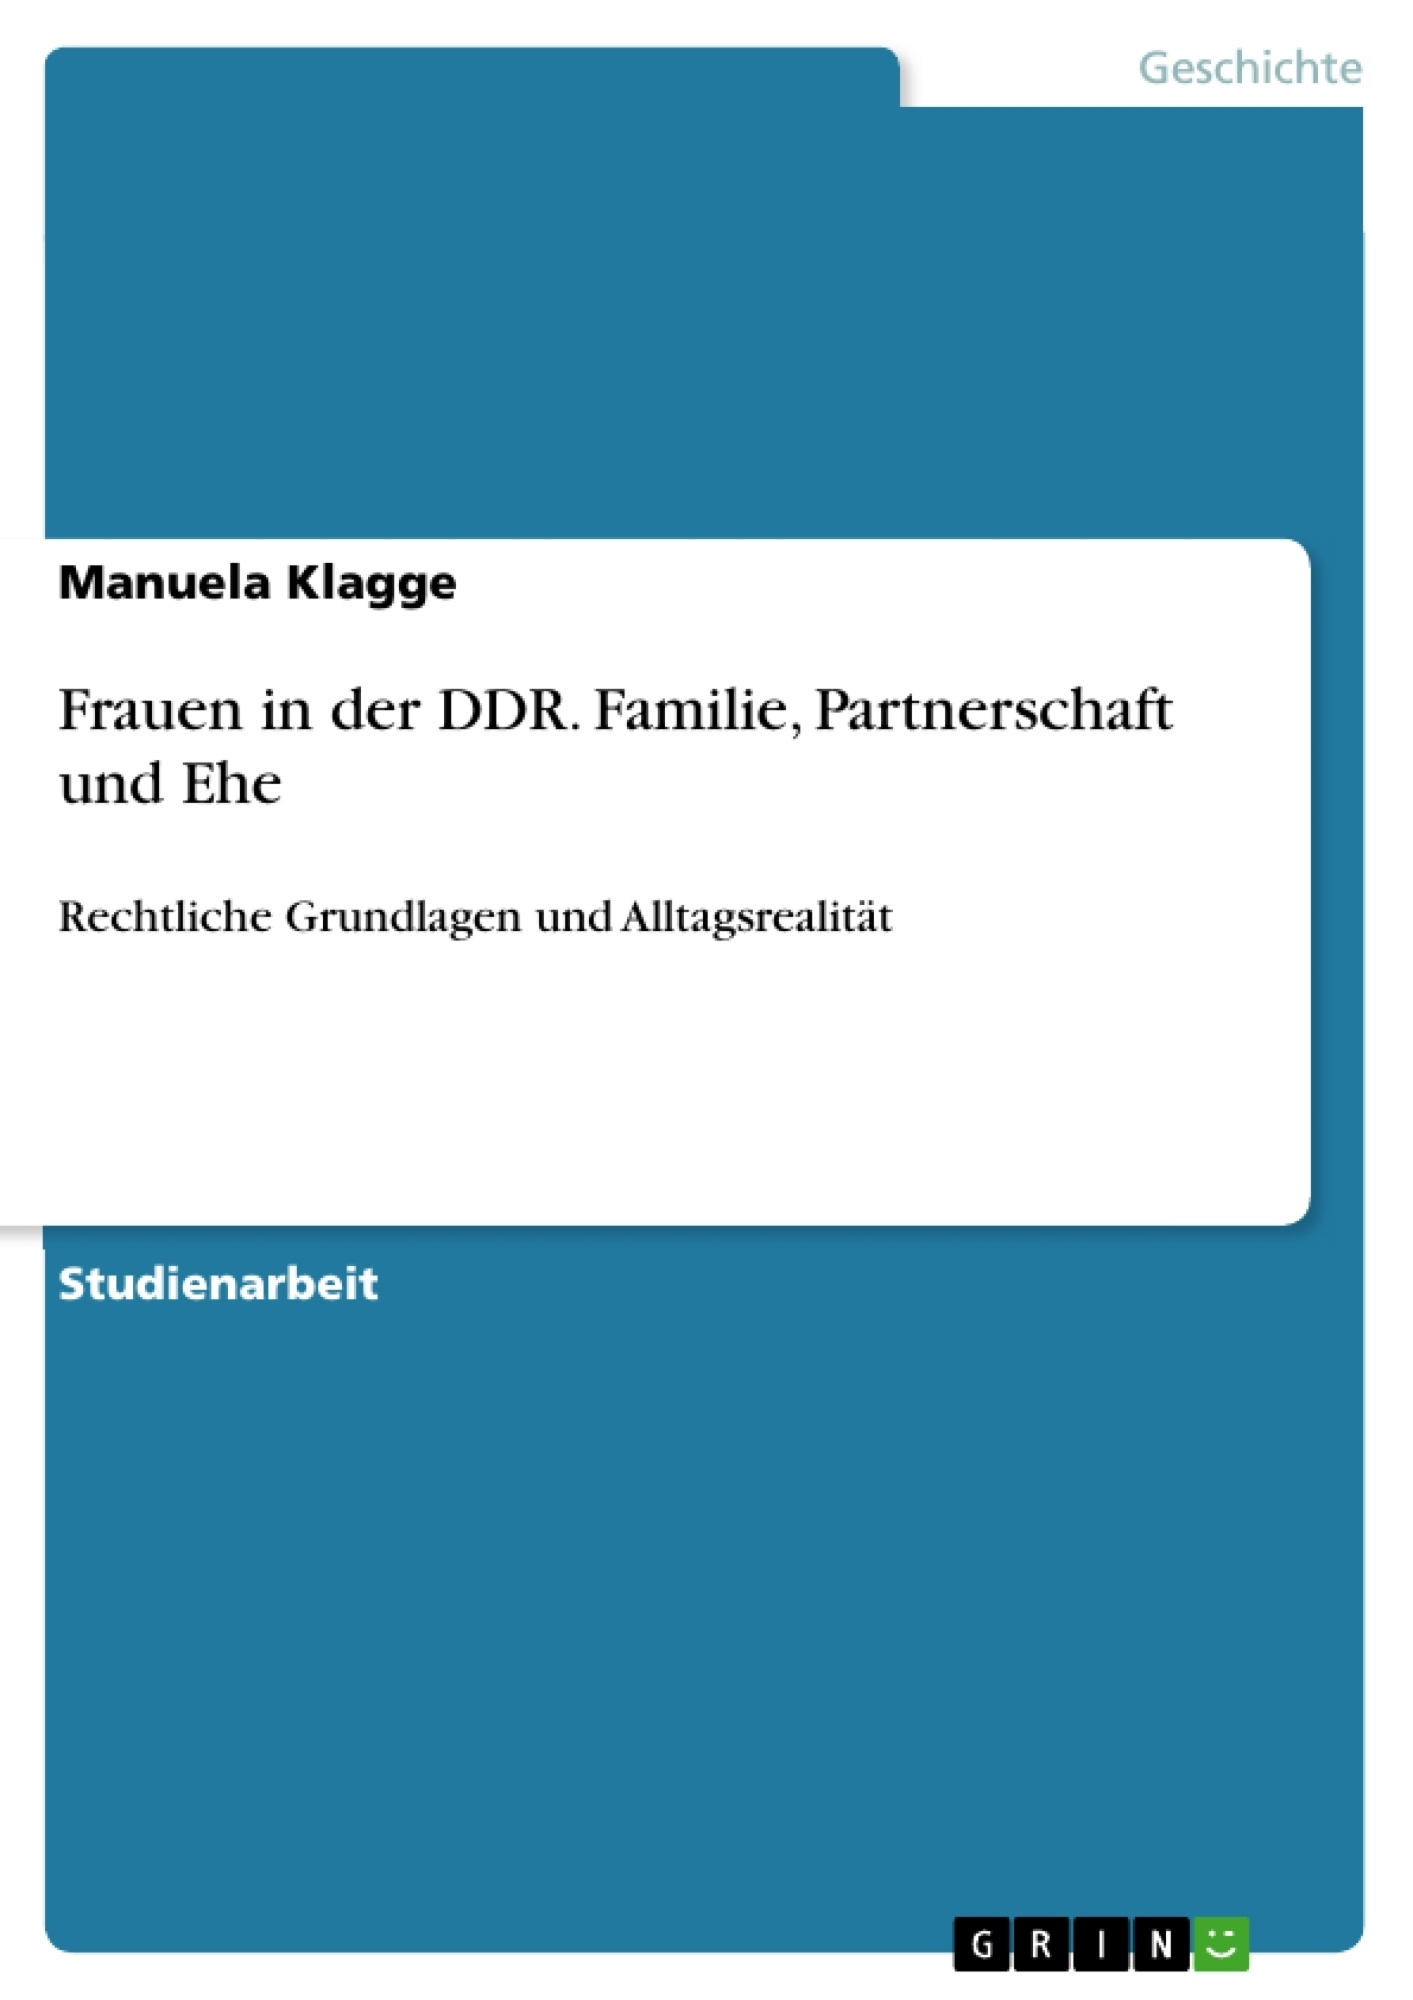 Titel: Frauen in der DDR. Familie, Partnerschaft und Ehe